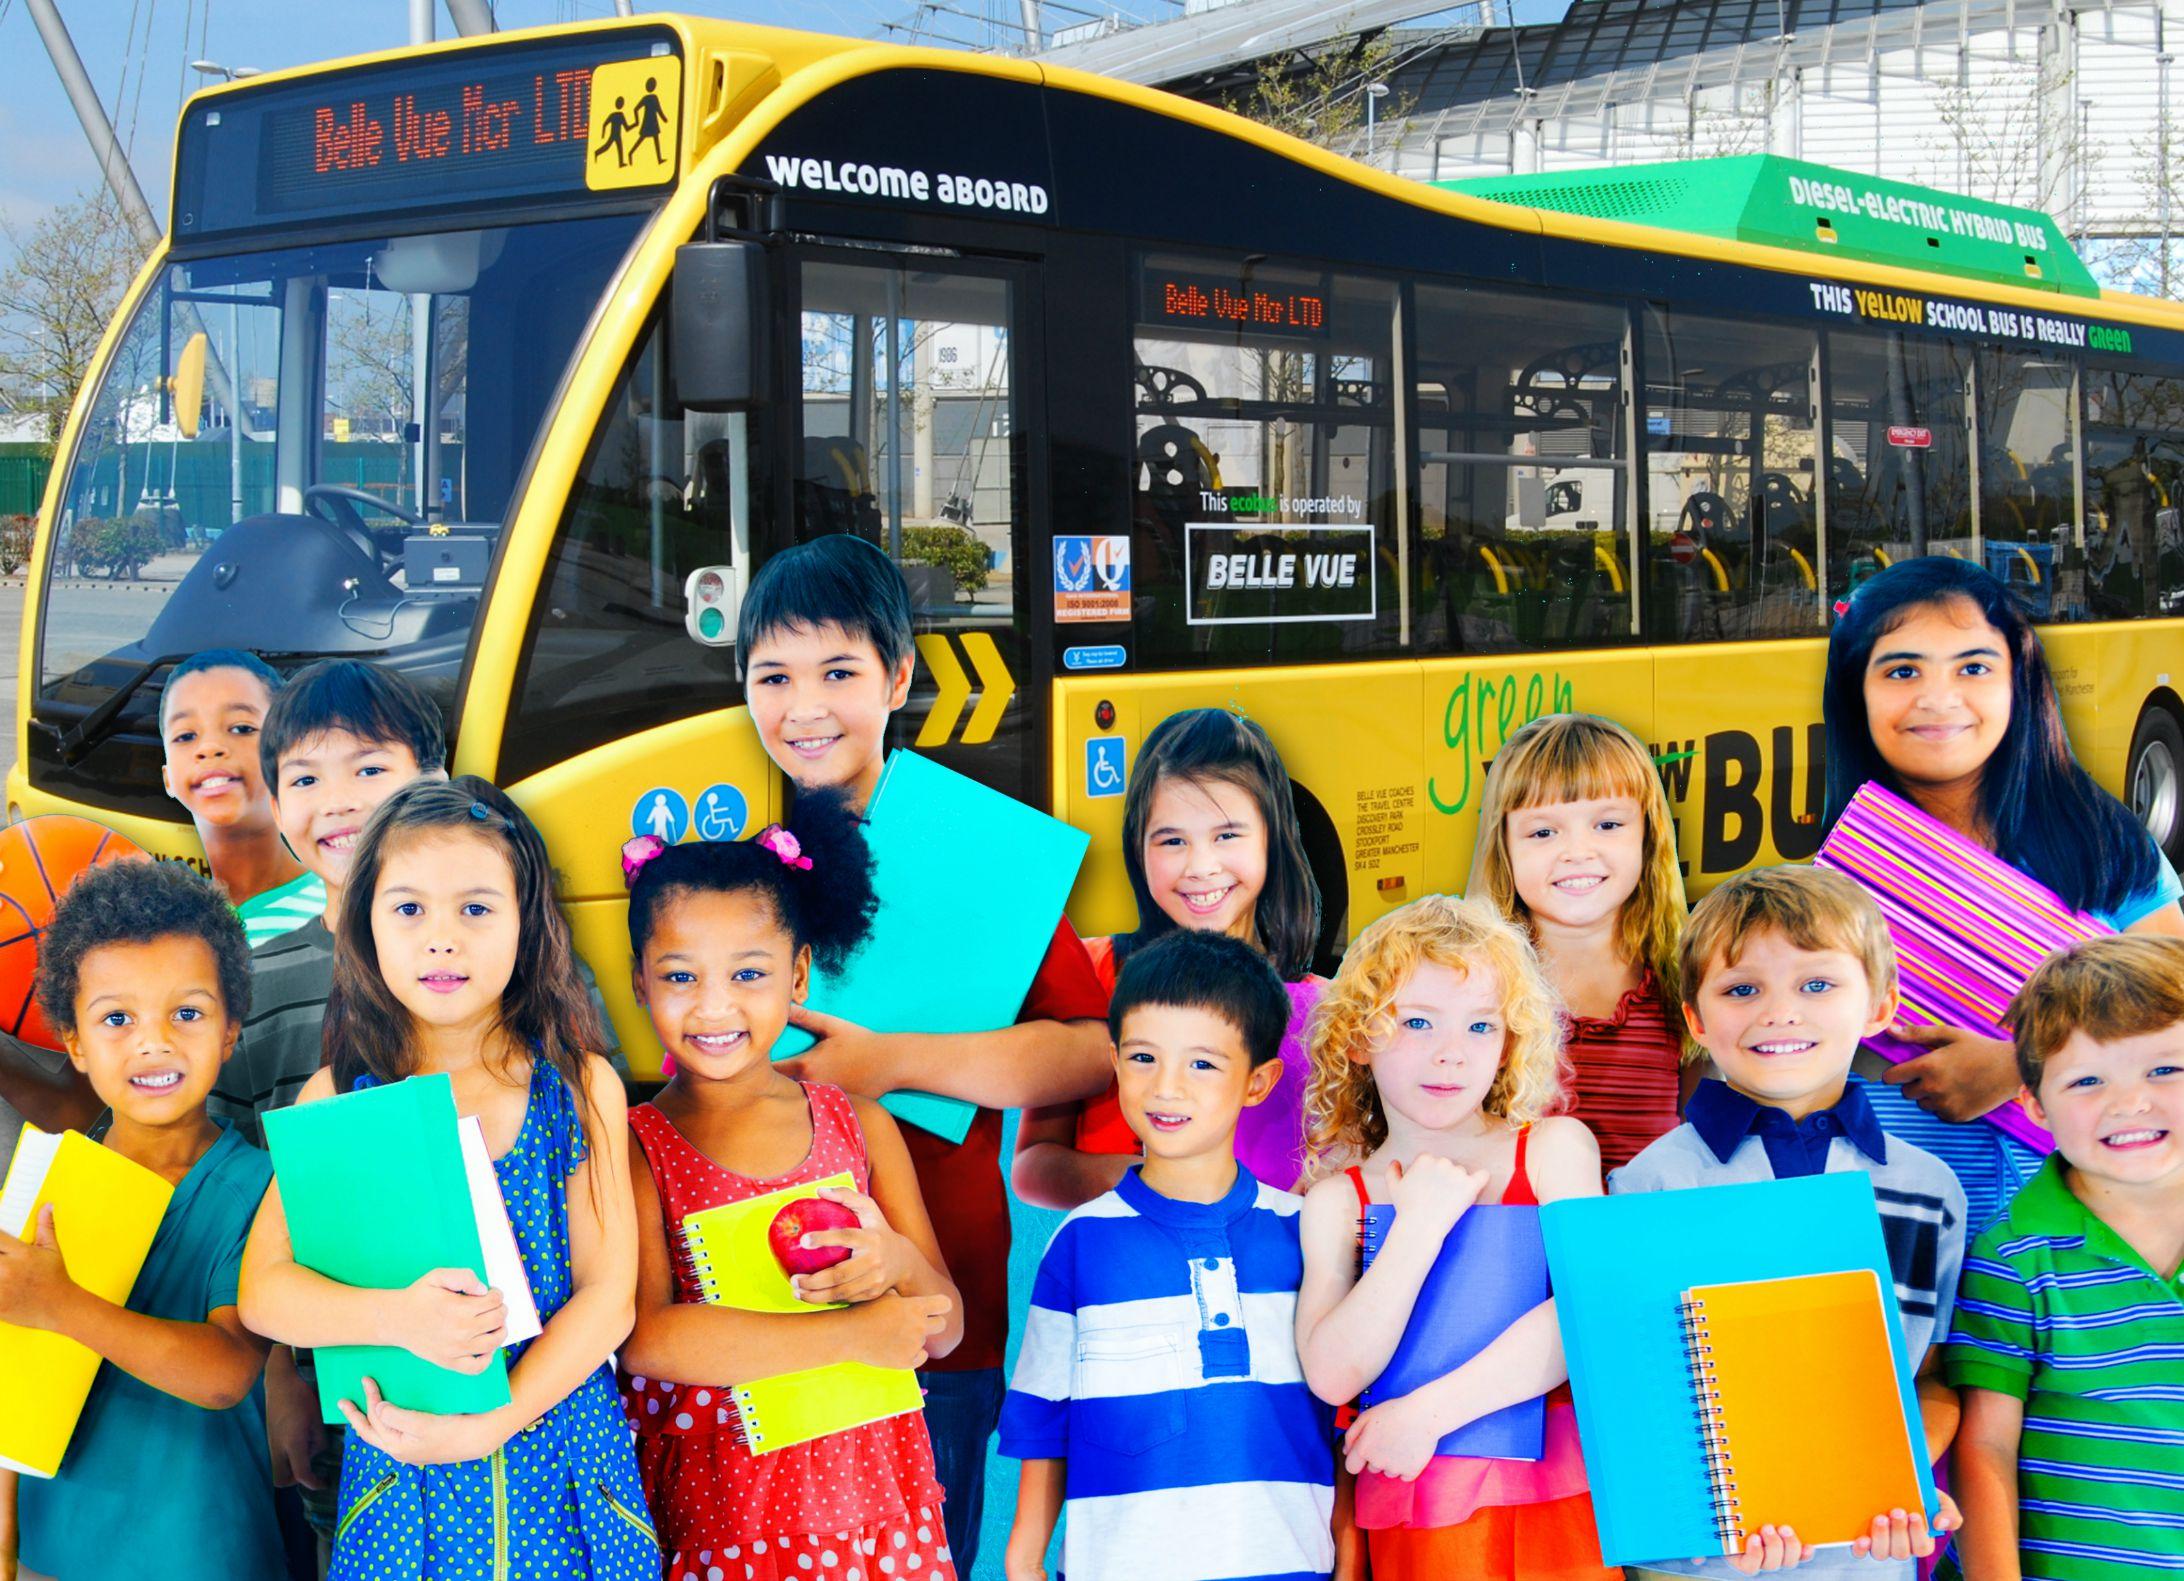 yellowschoolbus-banner-2